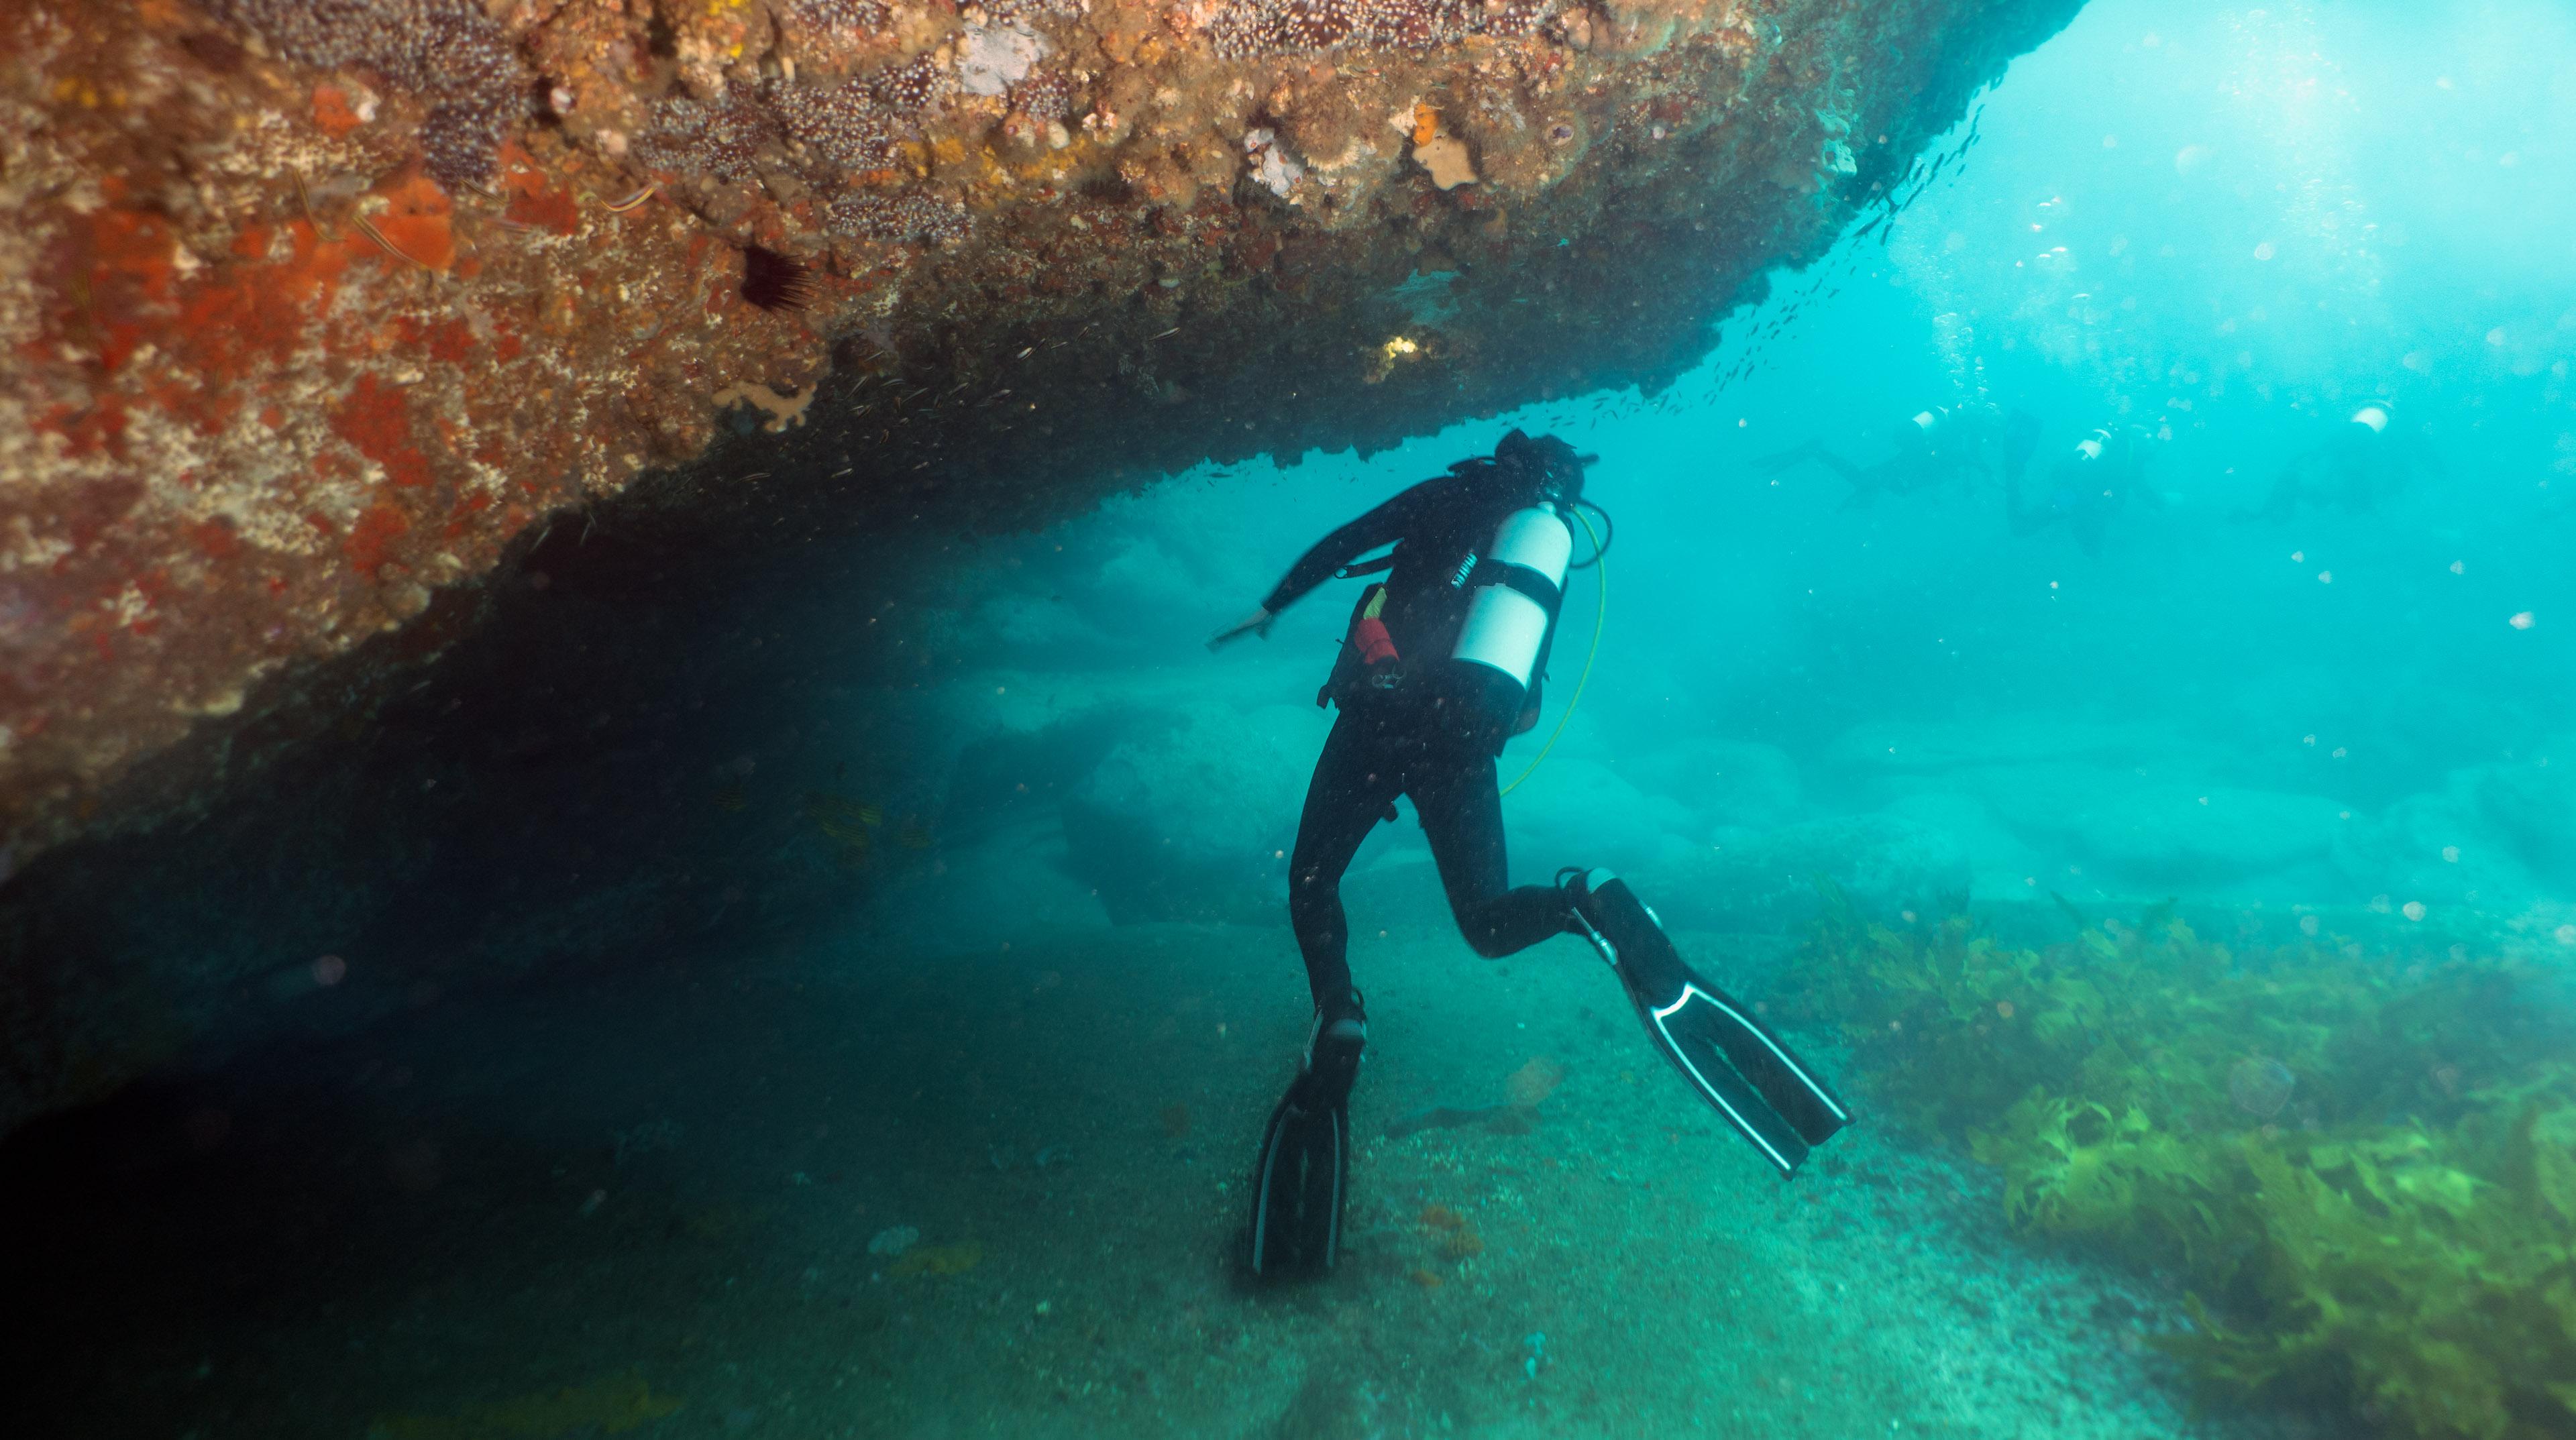 Sea Water Underwater Snorkeling Diving Scuba Ocean Freediving Marine Biology Organism Equipment